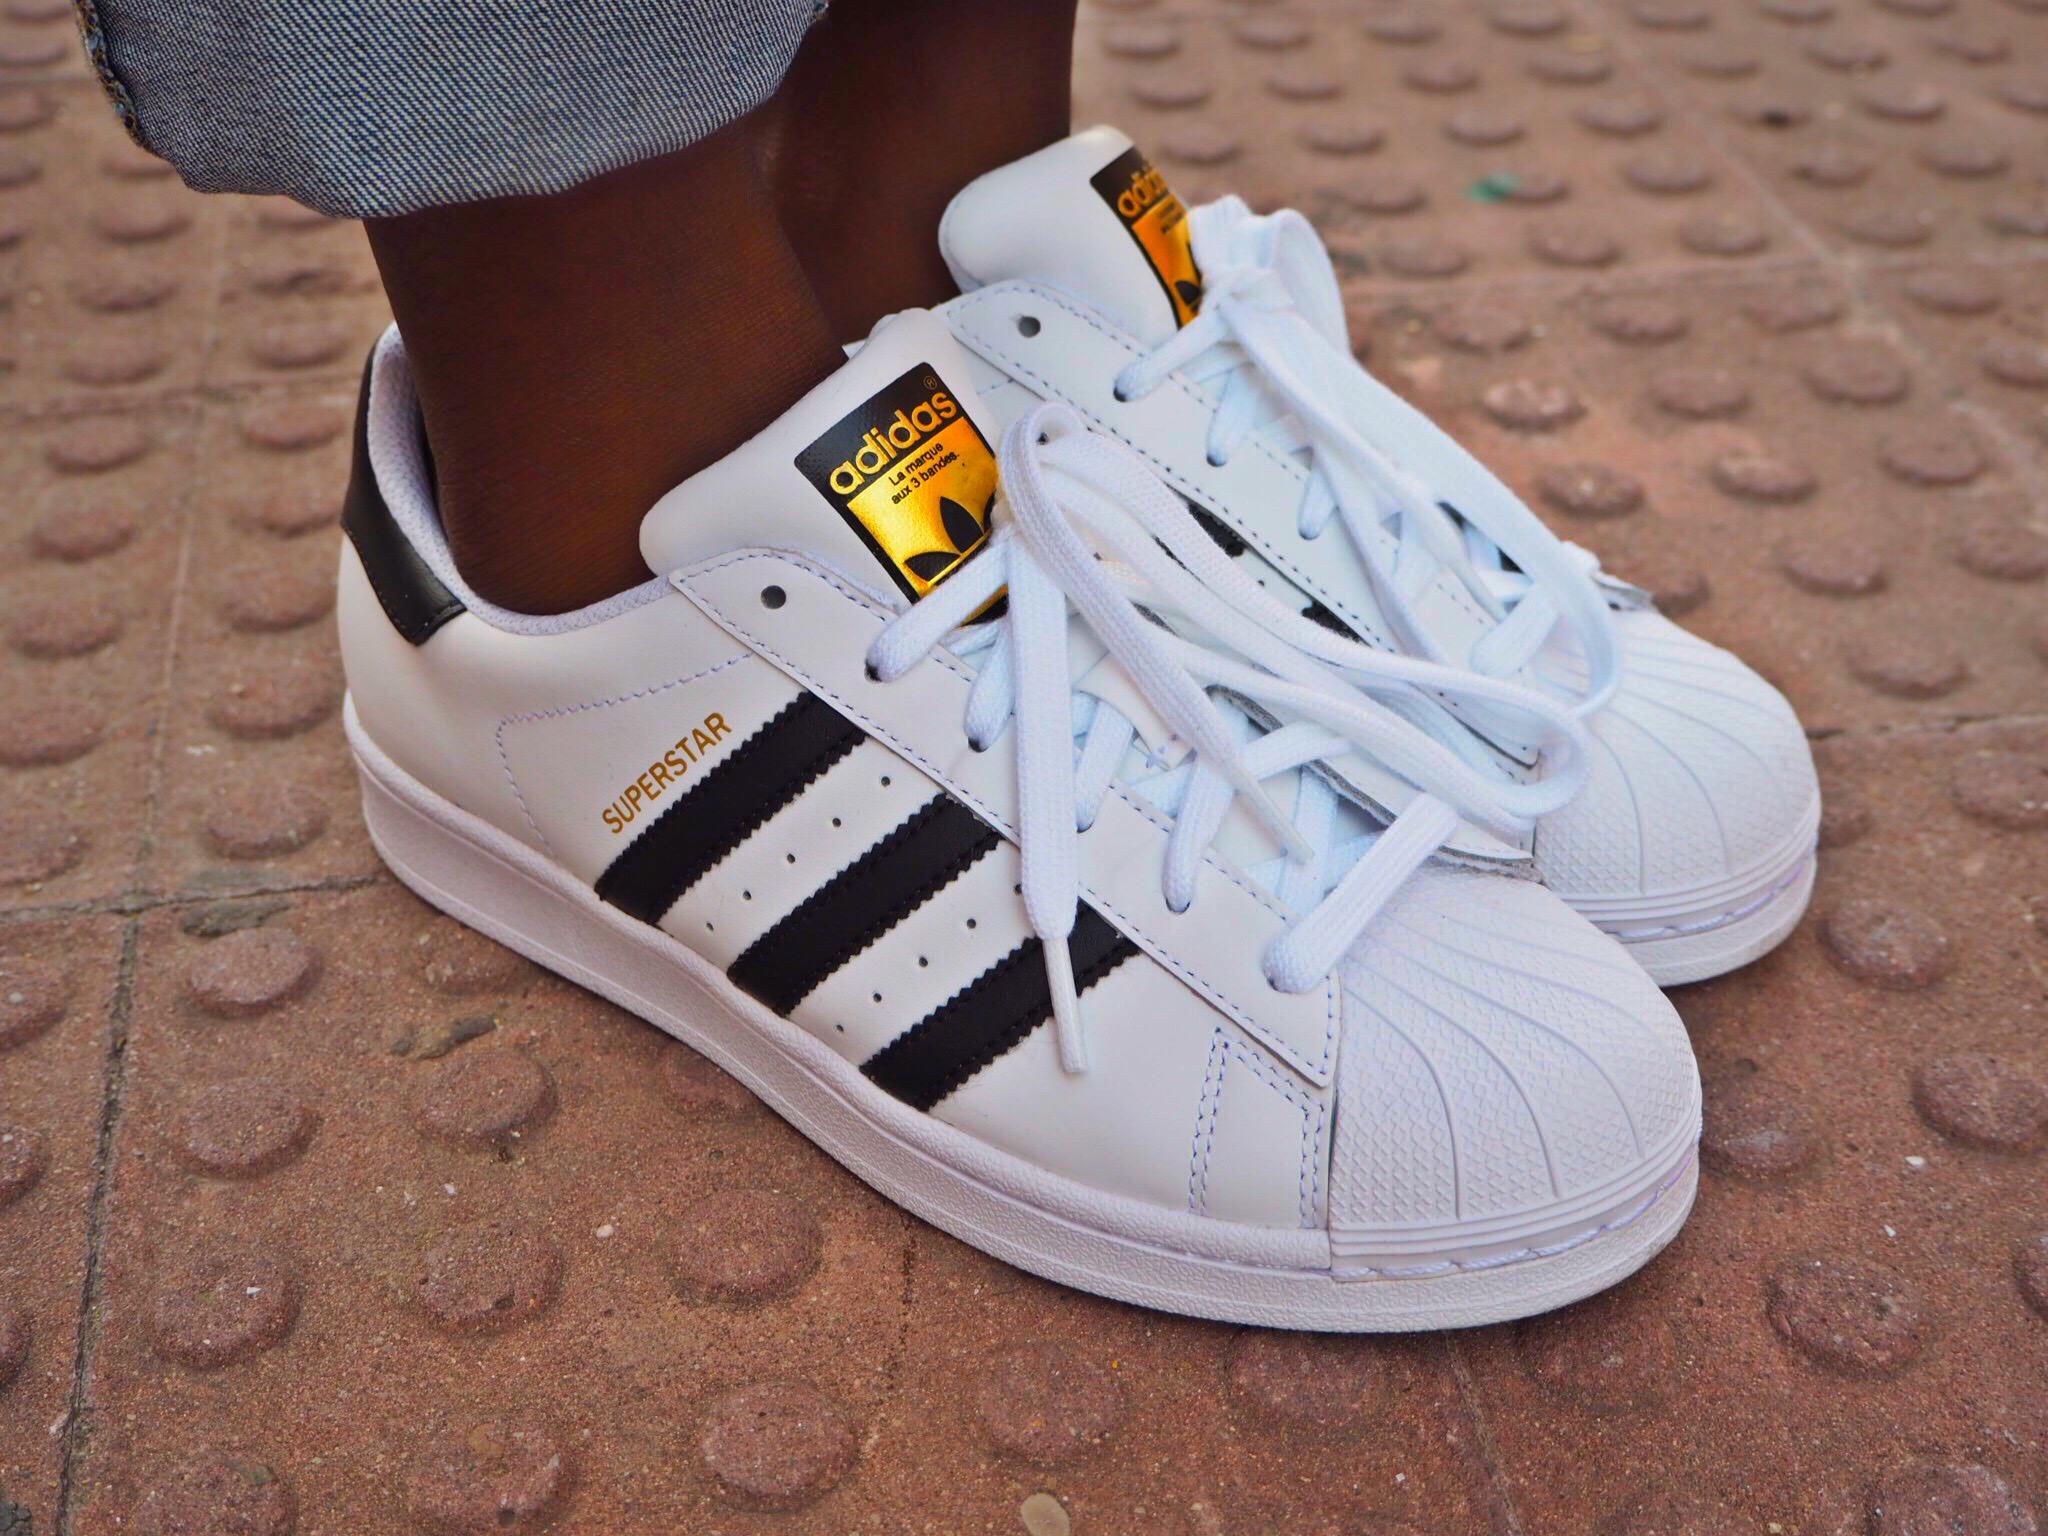 movimiento olvidadizo tormenta  donde venden adidas superstar - Tienda Online de Zapatos, Ropa y  Complementos de marca